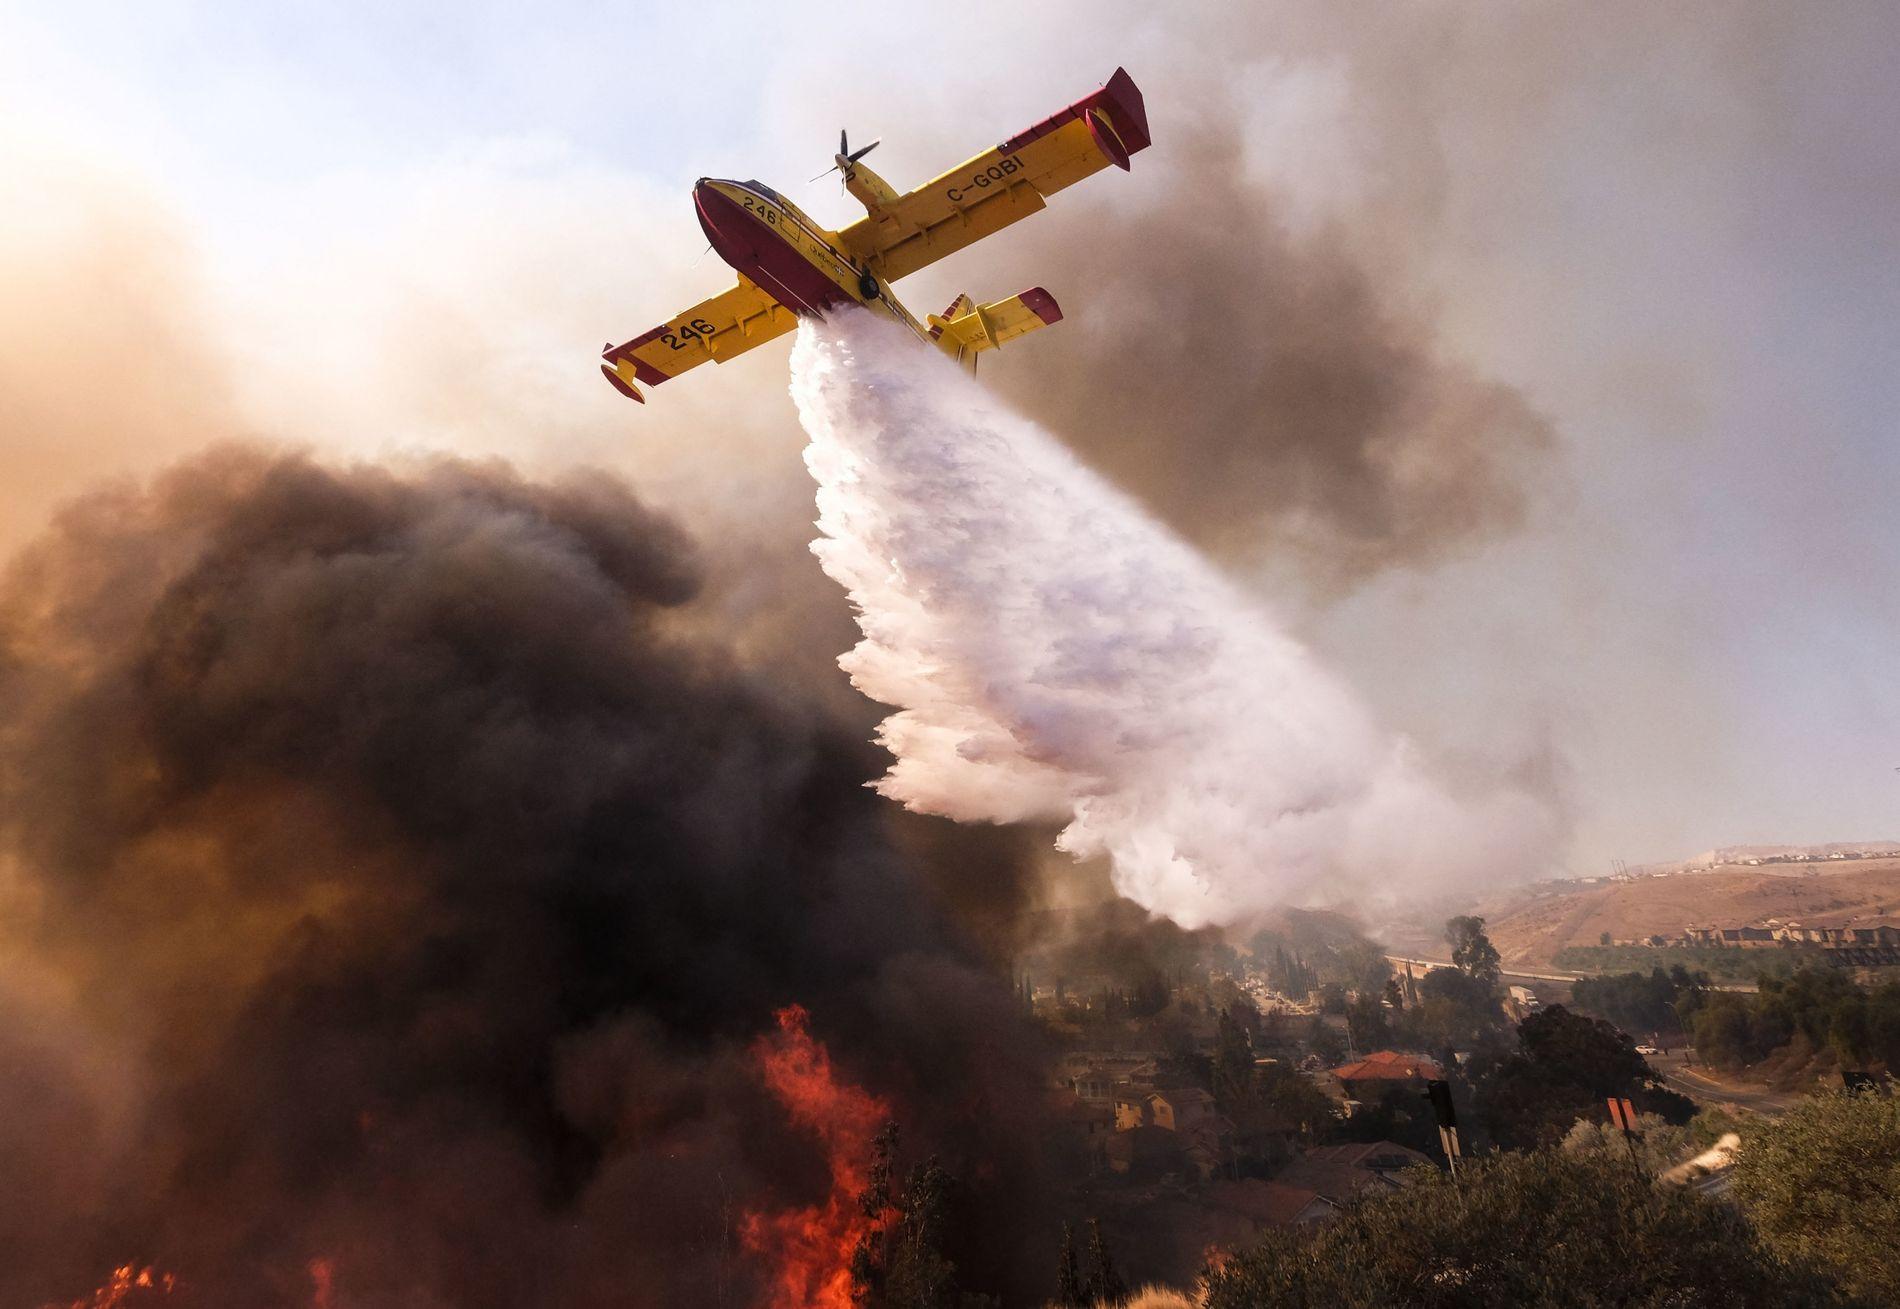 Un bombardier d'eau largue sa cargaison sur un incendie, près de la ville de Simi Valley, ...